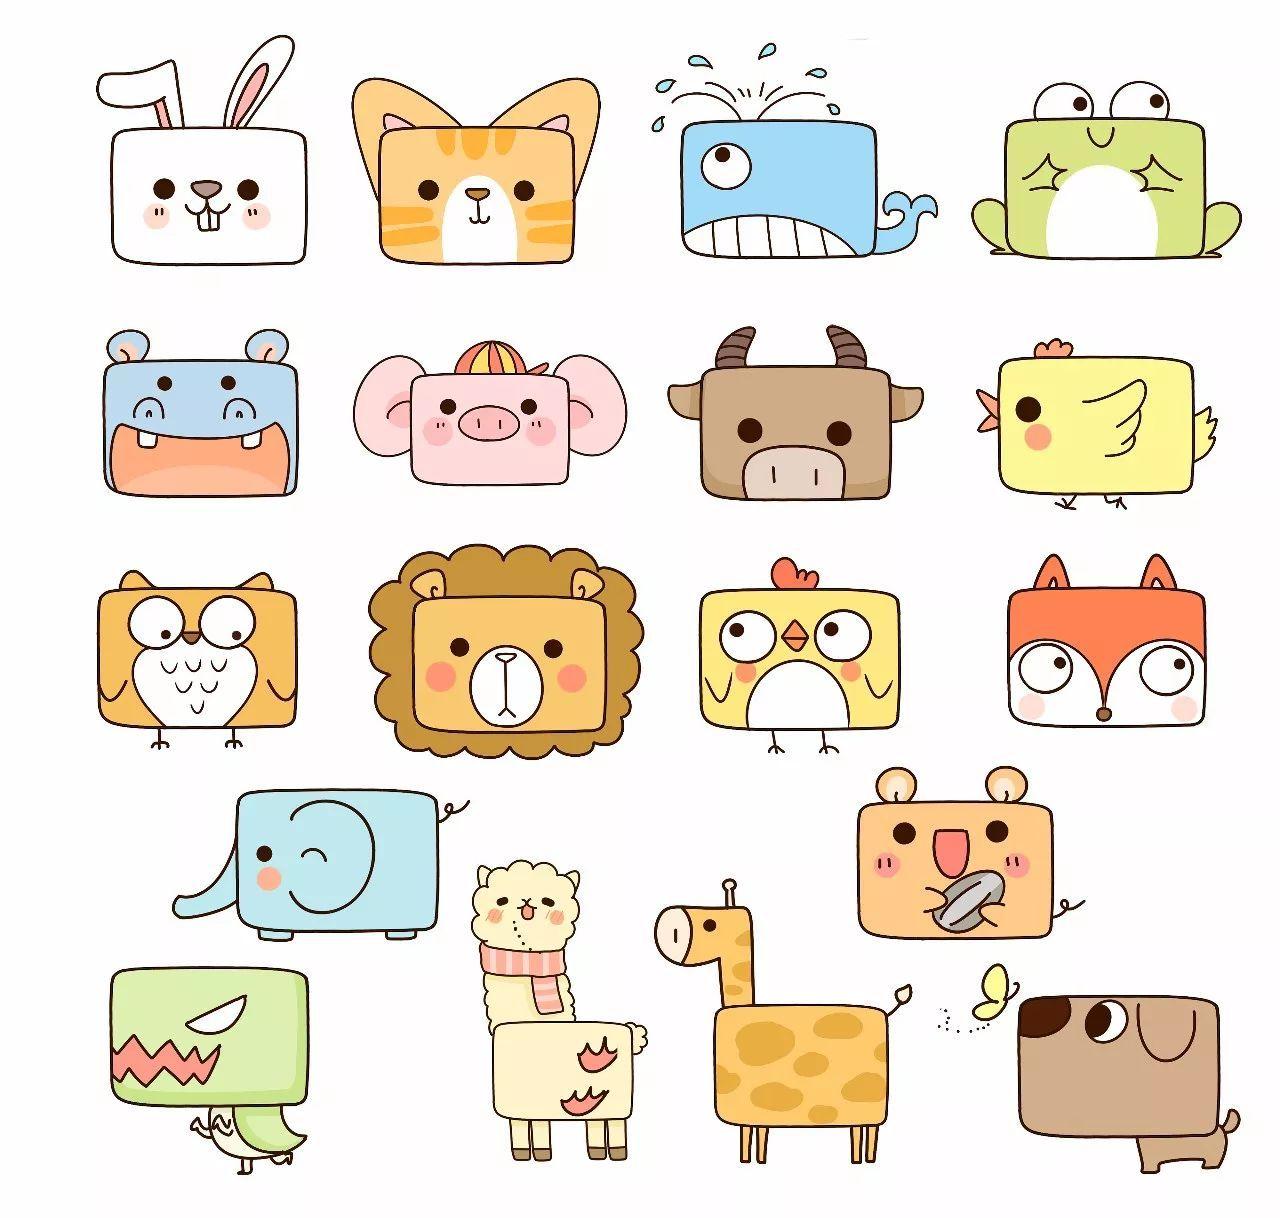 人气漫画师教你q萌简笔画,一个框一个圆就能变出许多小动物